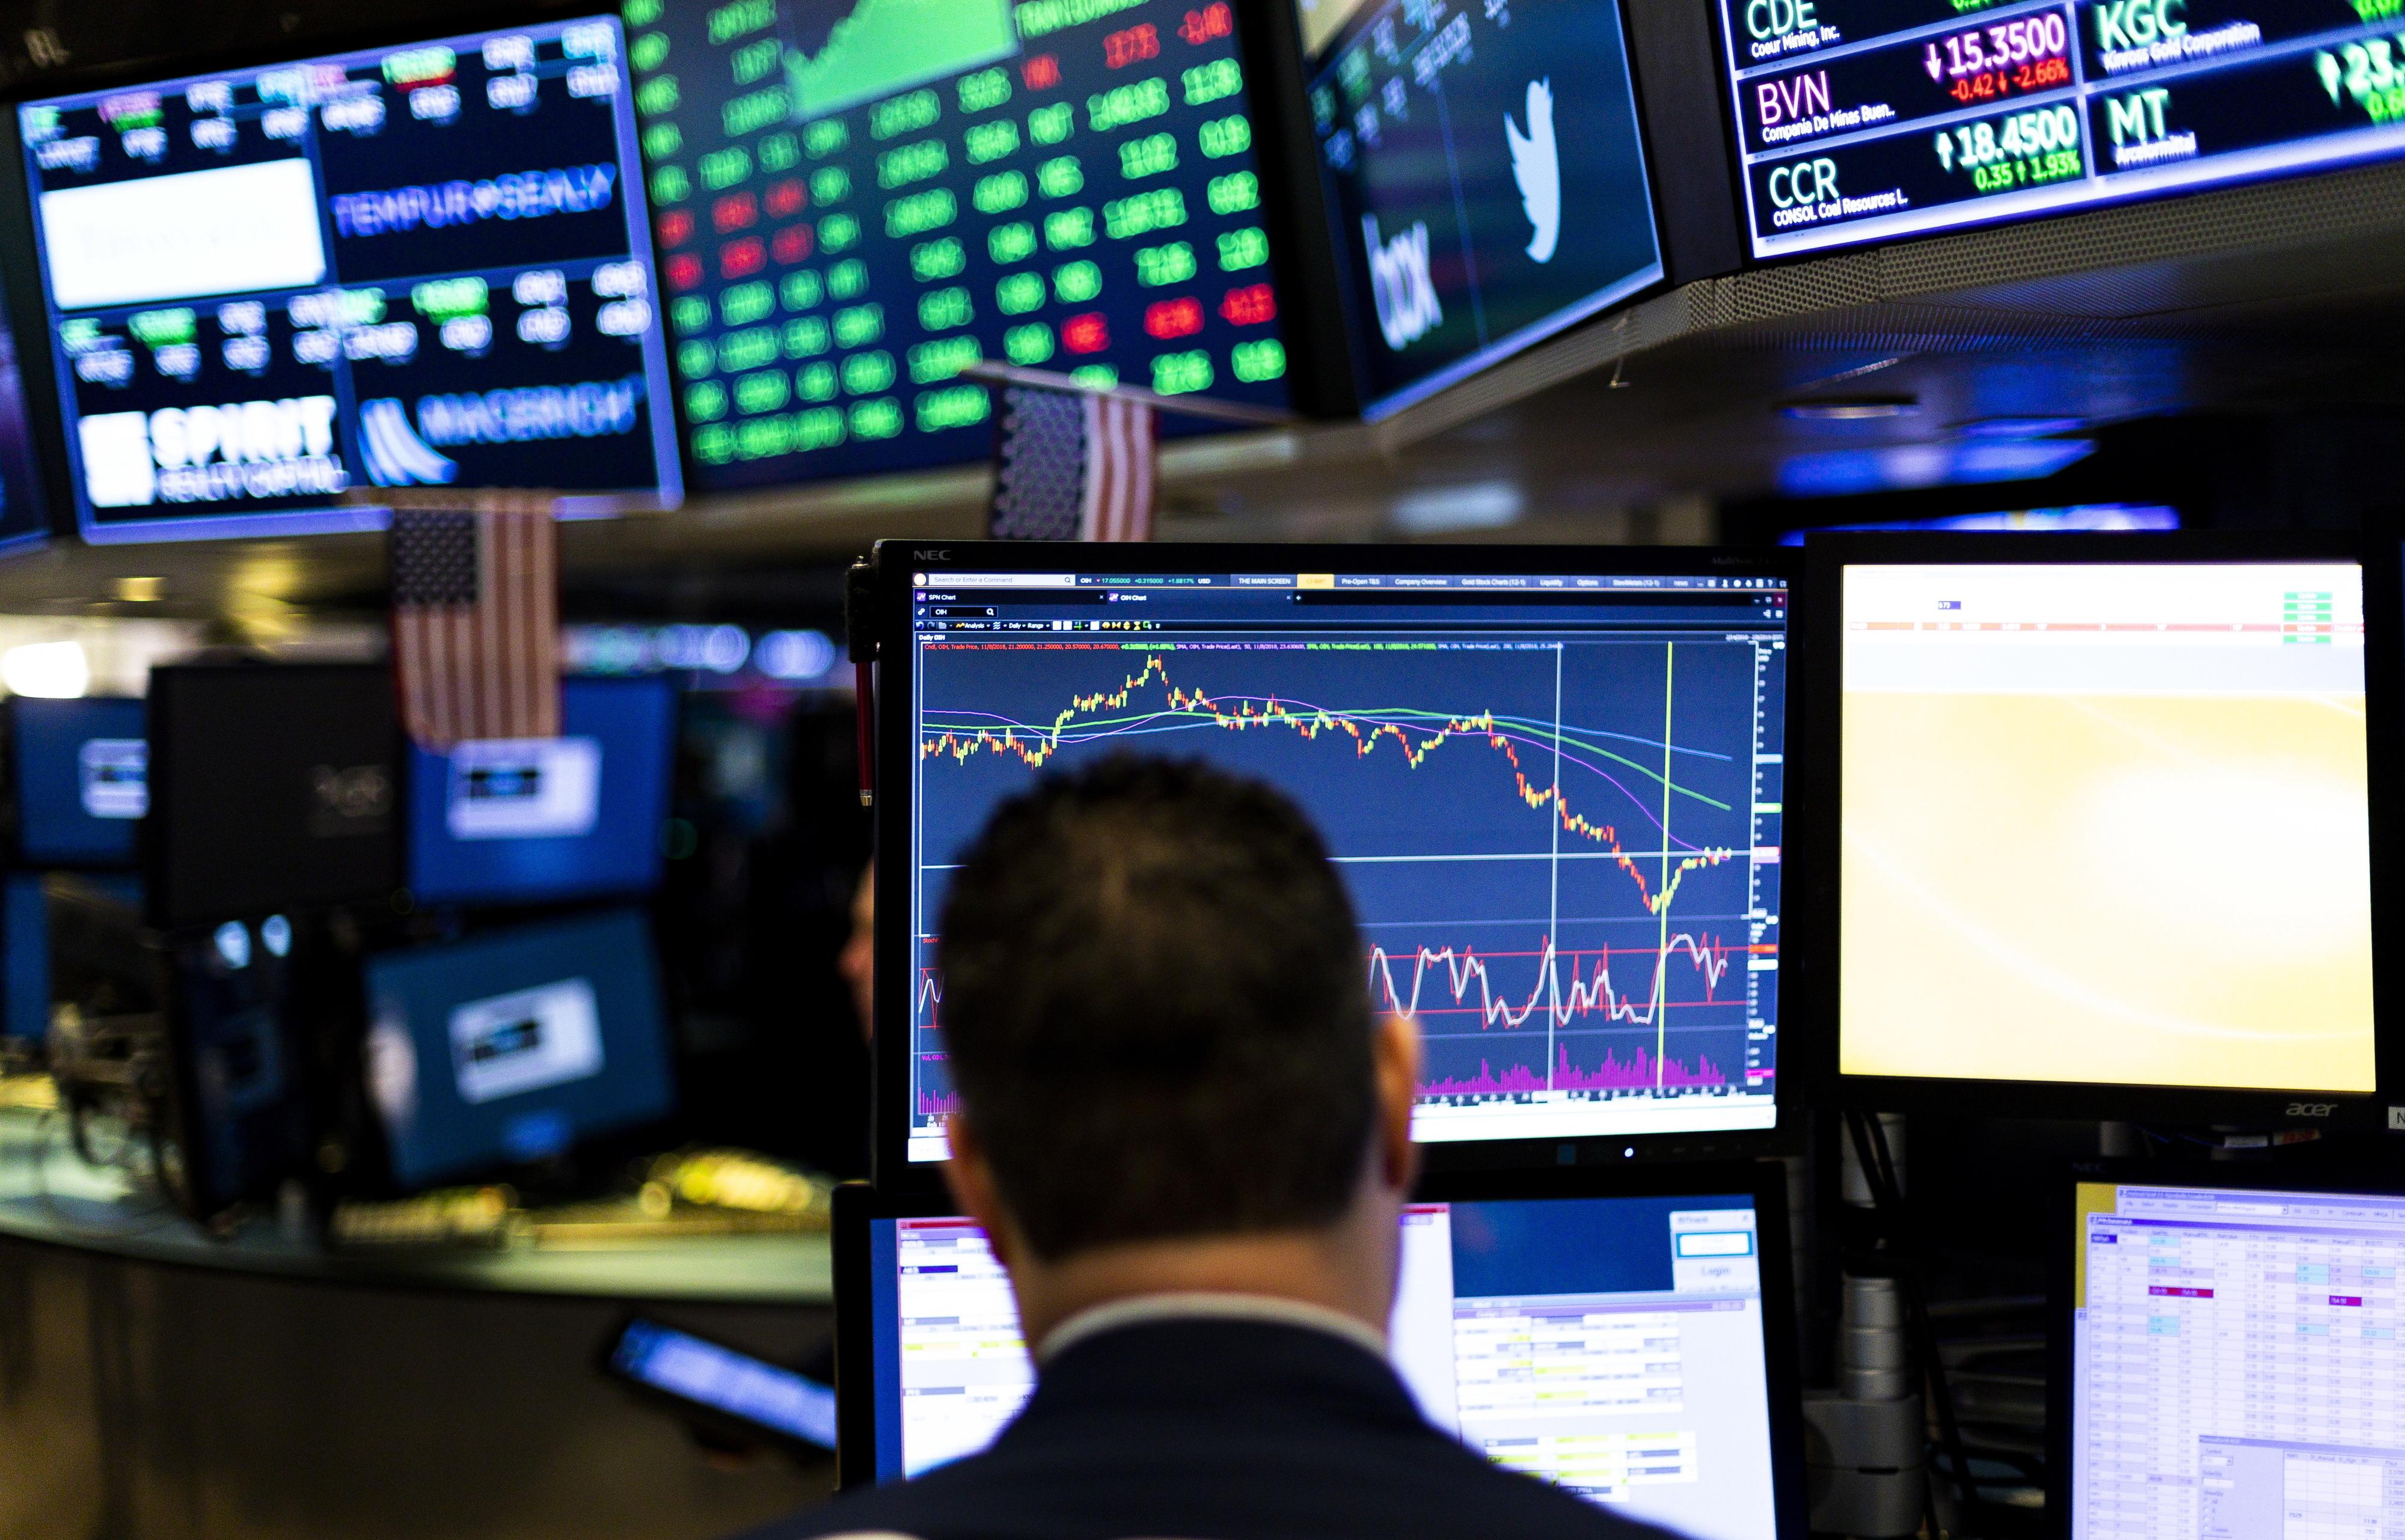 Wall Street fecha em alta com investidores esperançados em acordo EUA-China